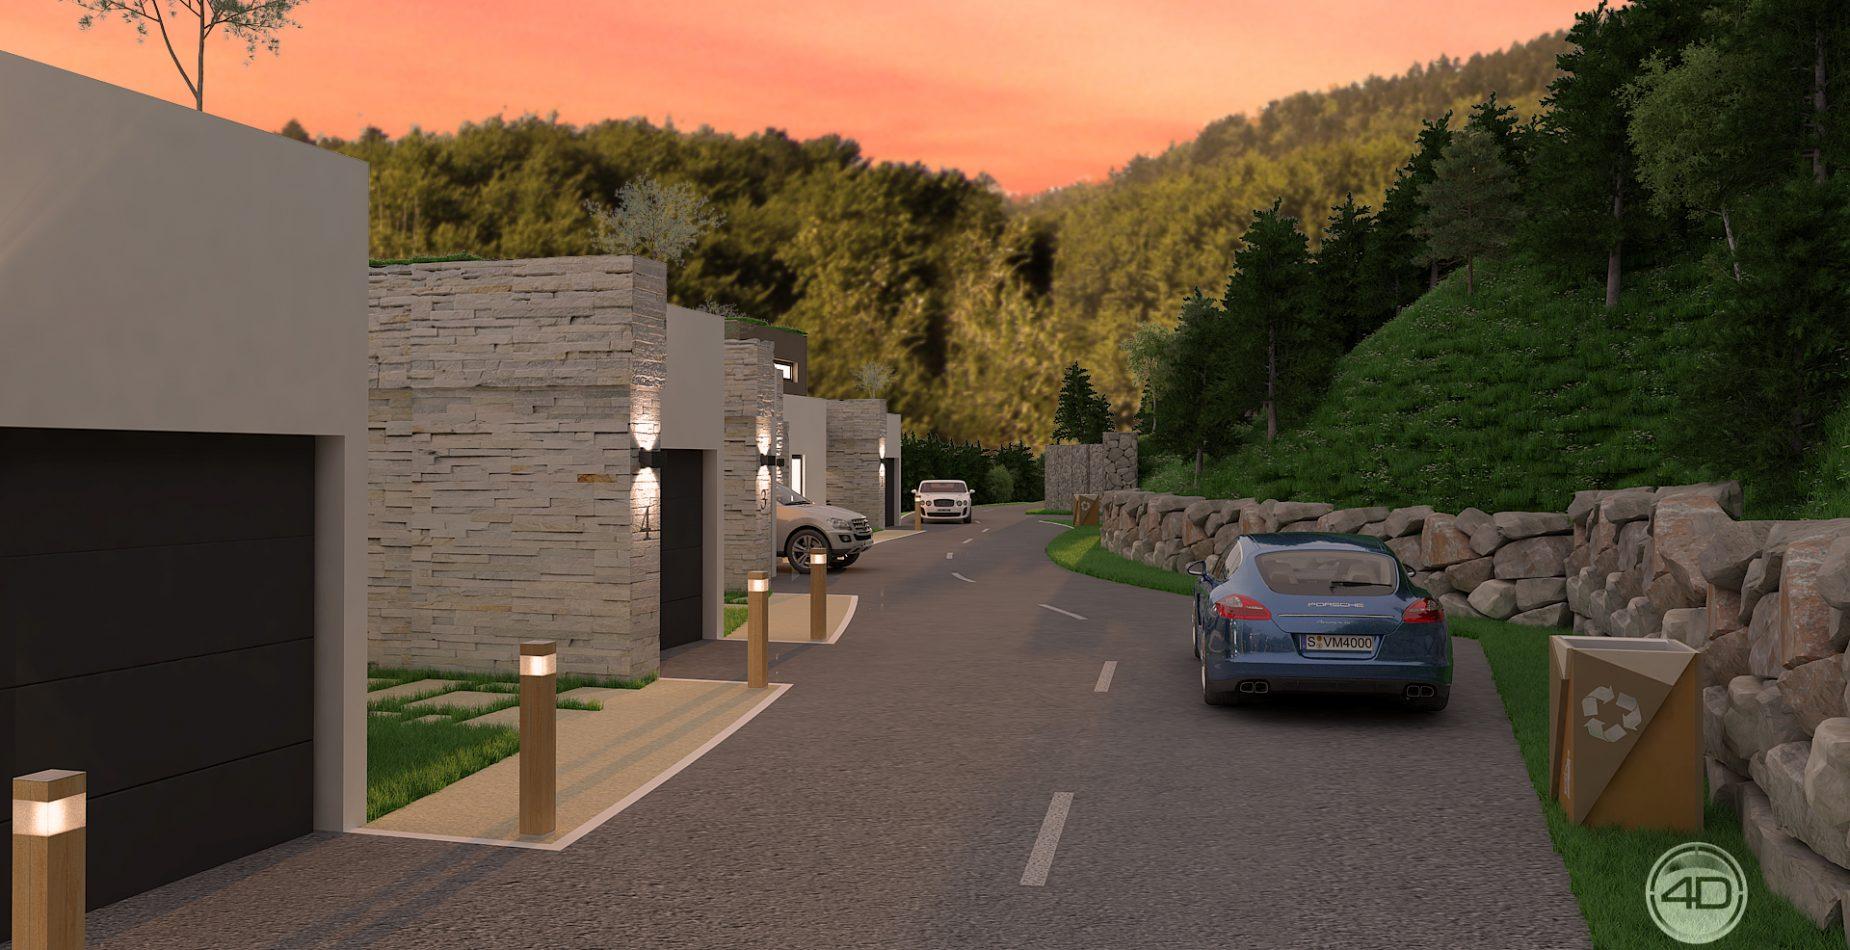 Edificio_4D-univers-townhouse_lac_annecy_3D-villa_00014